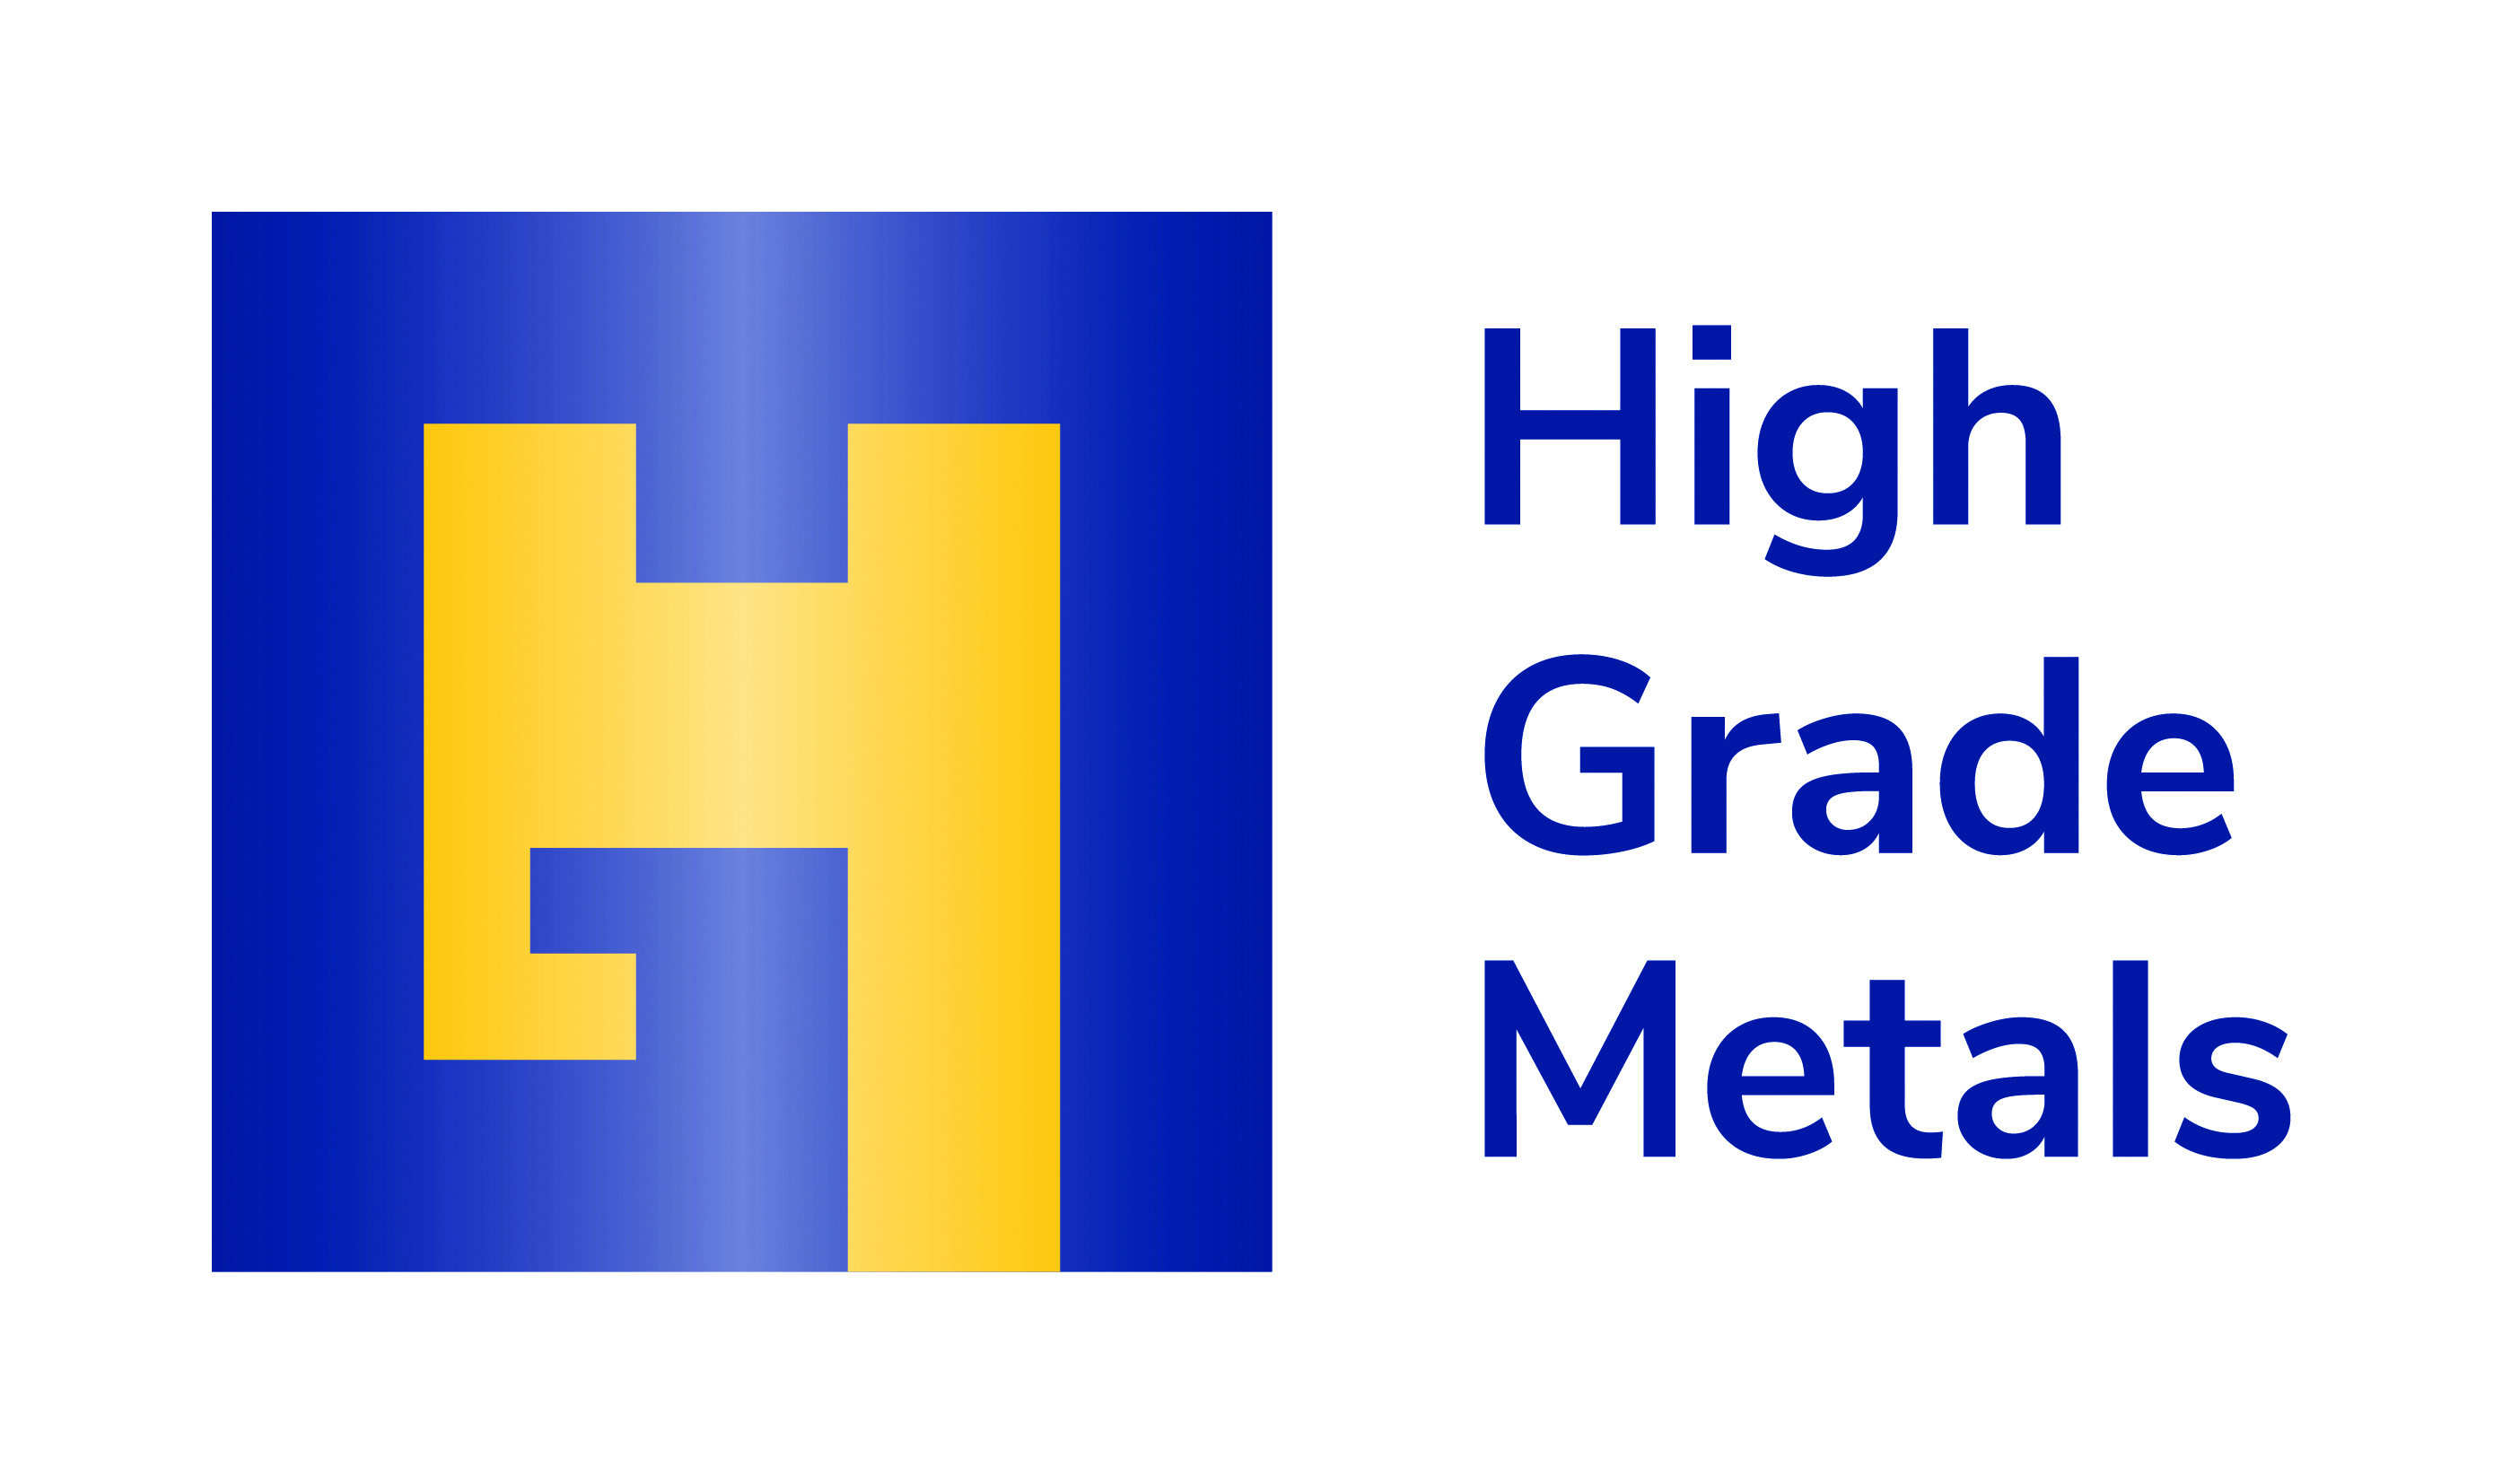 High Grade metals